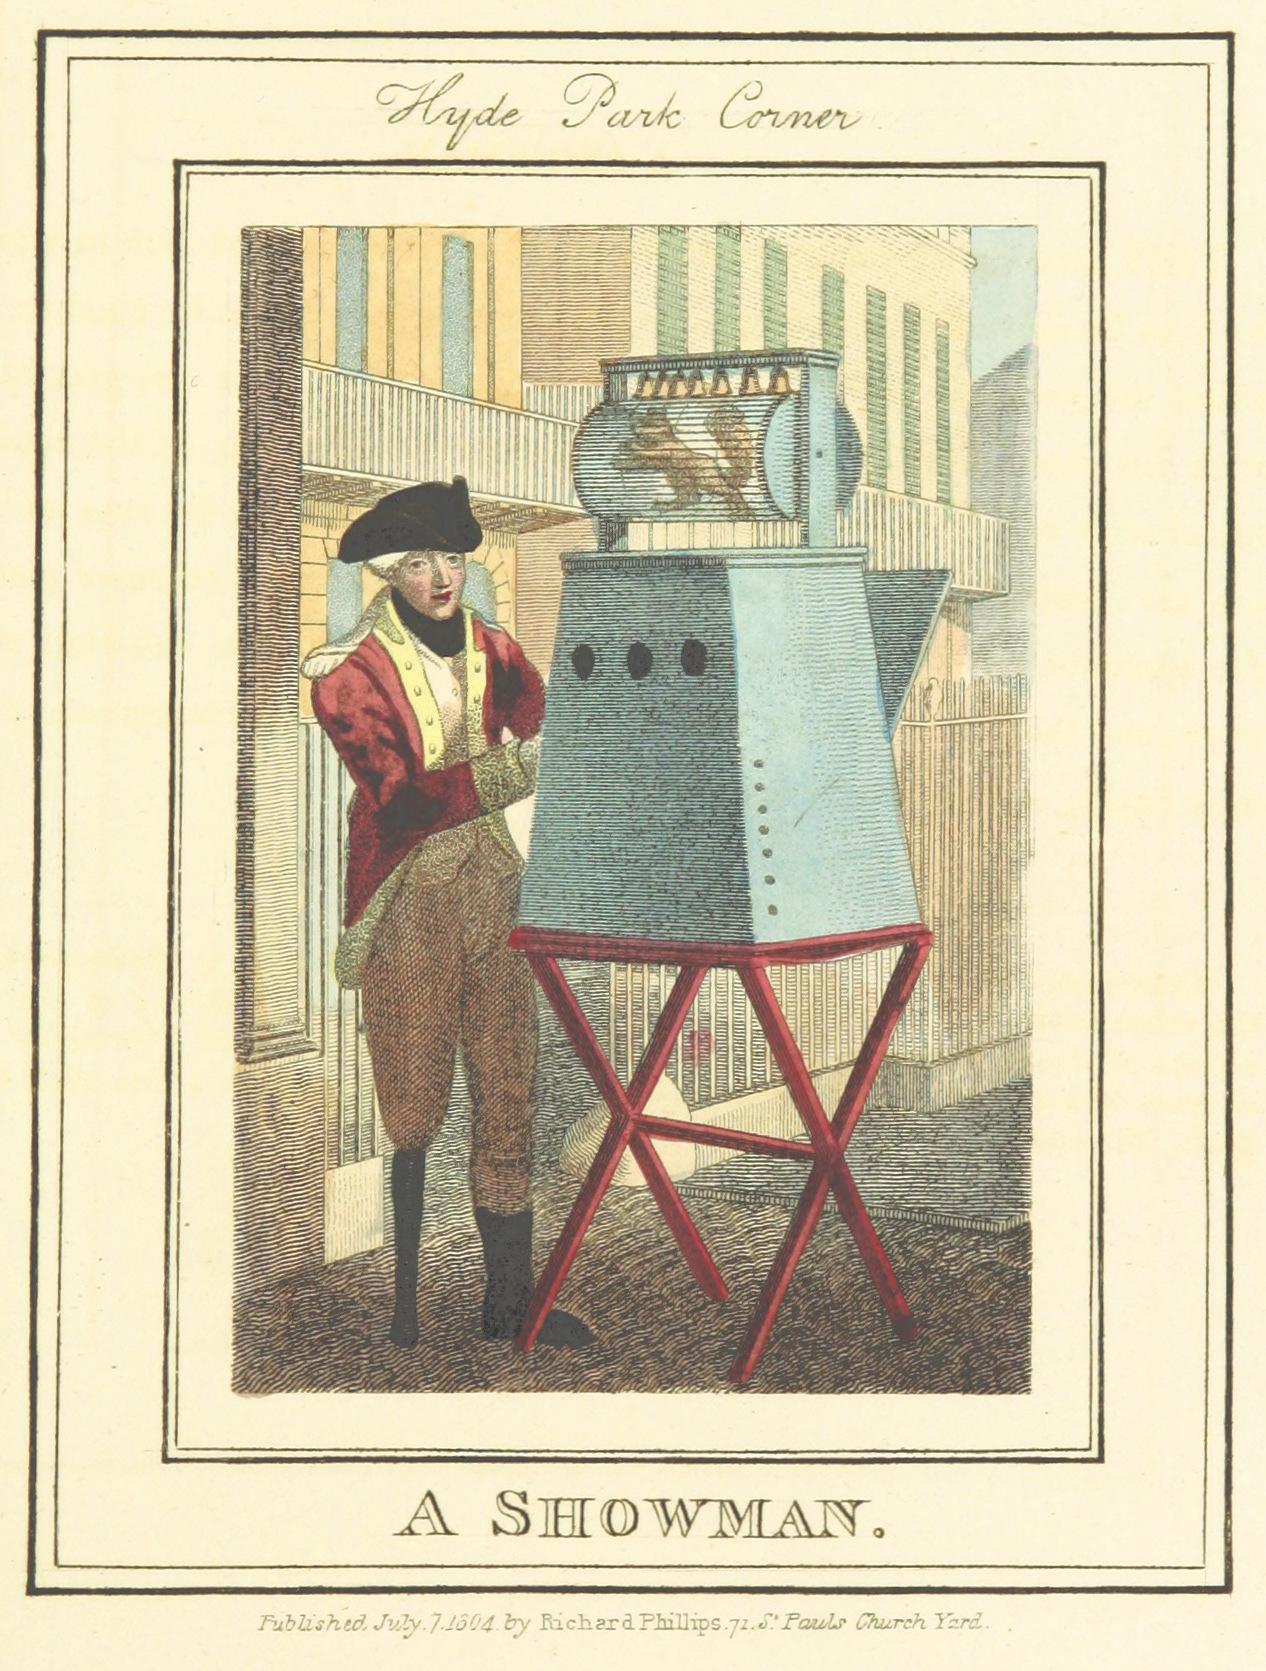 Phillips(1804)_p657_-_Hyde_Park_Corner_-_A_Showman